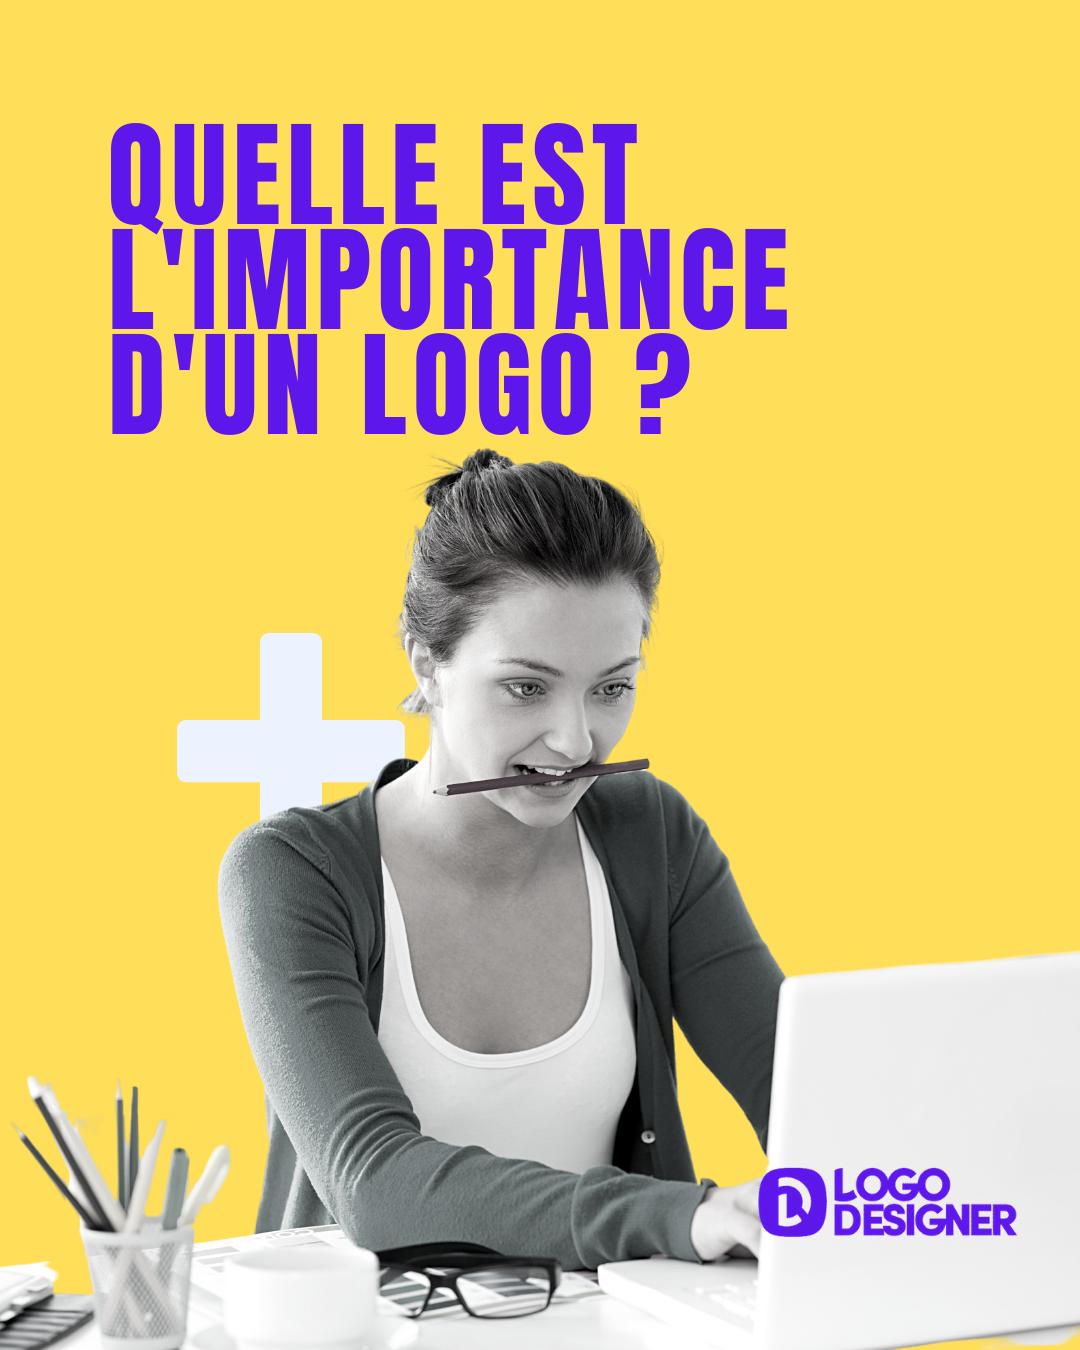 Quelle est l'importance d'un logo ?